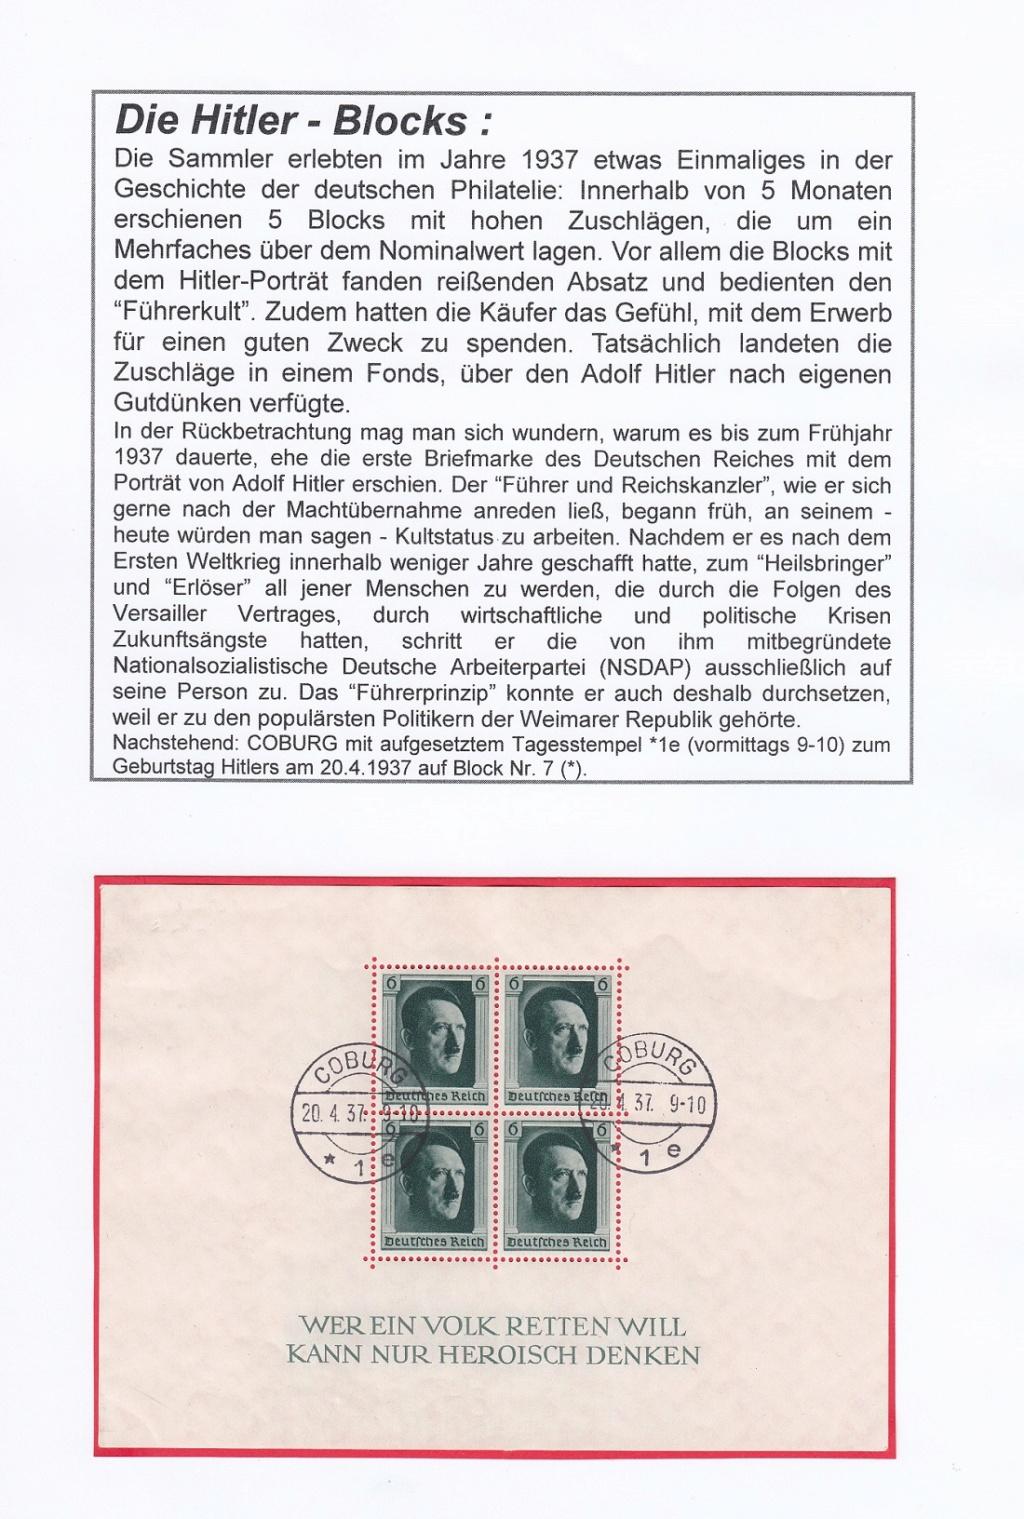 """Deutsches Reich von 1933 bis 1945 """"in einer ausgesuchten Perspektive"""" Dr-1310"""